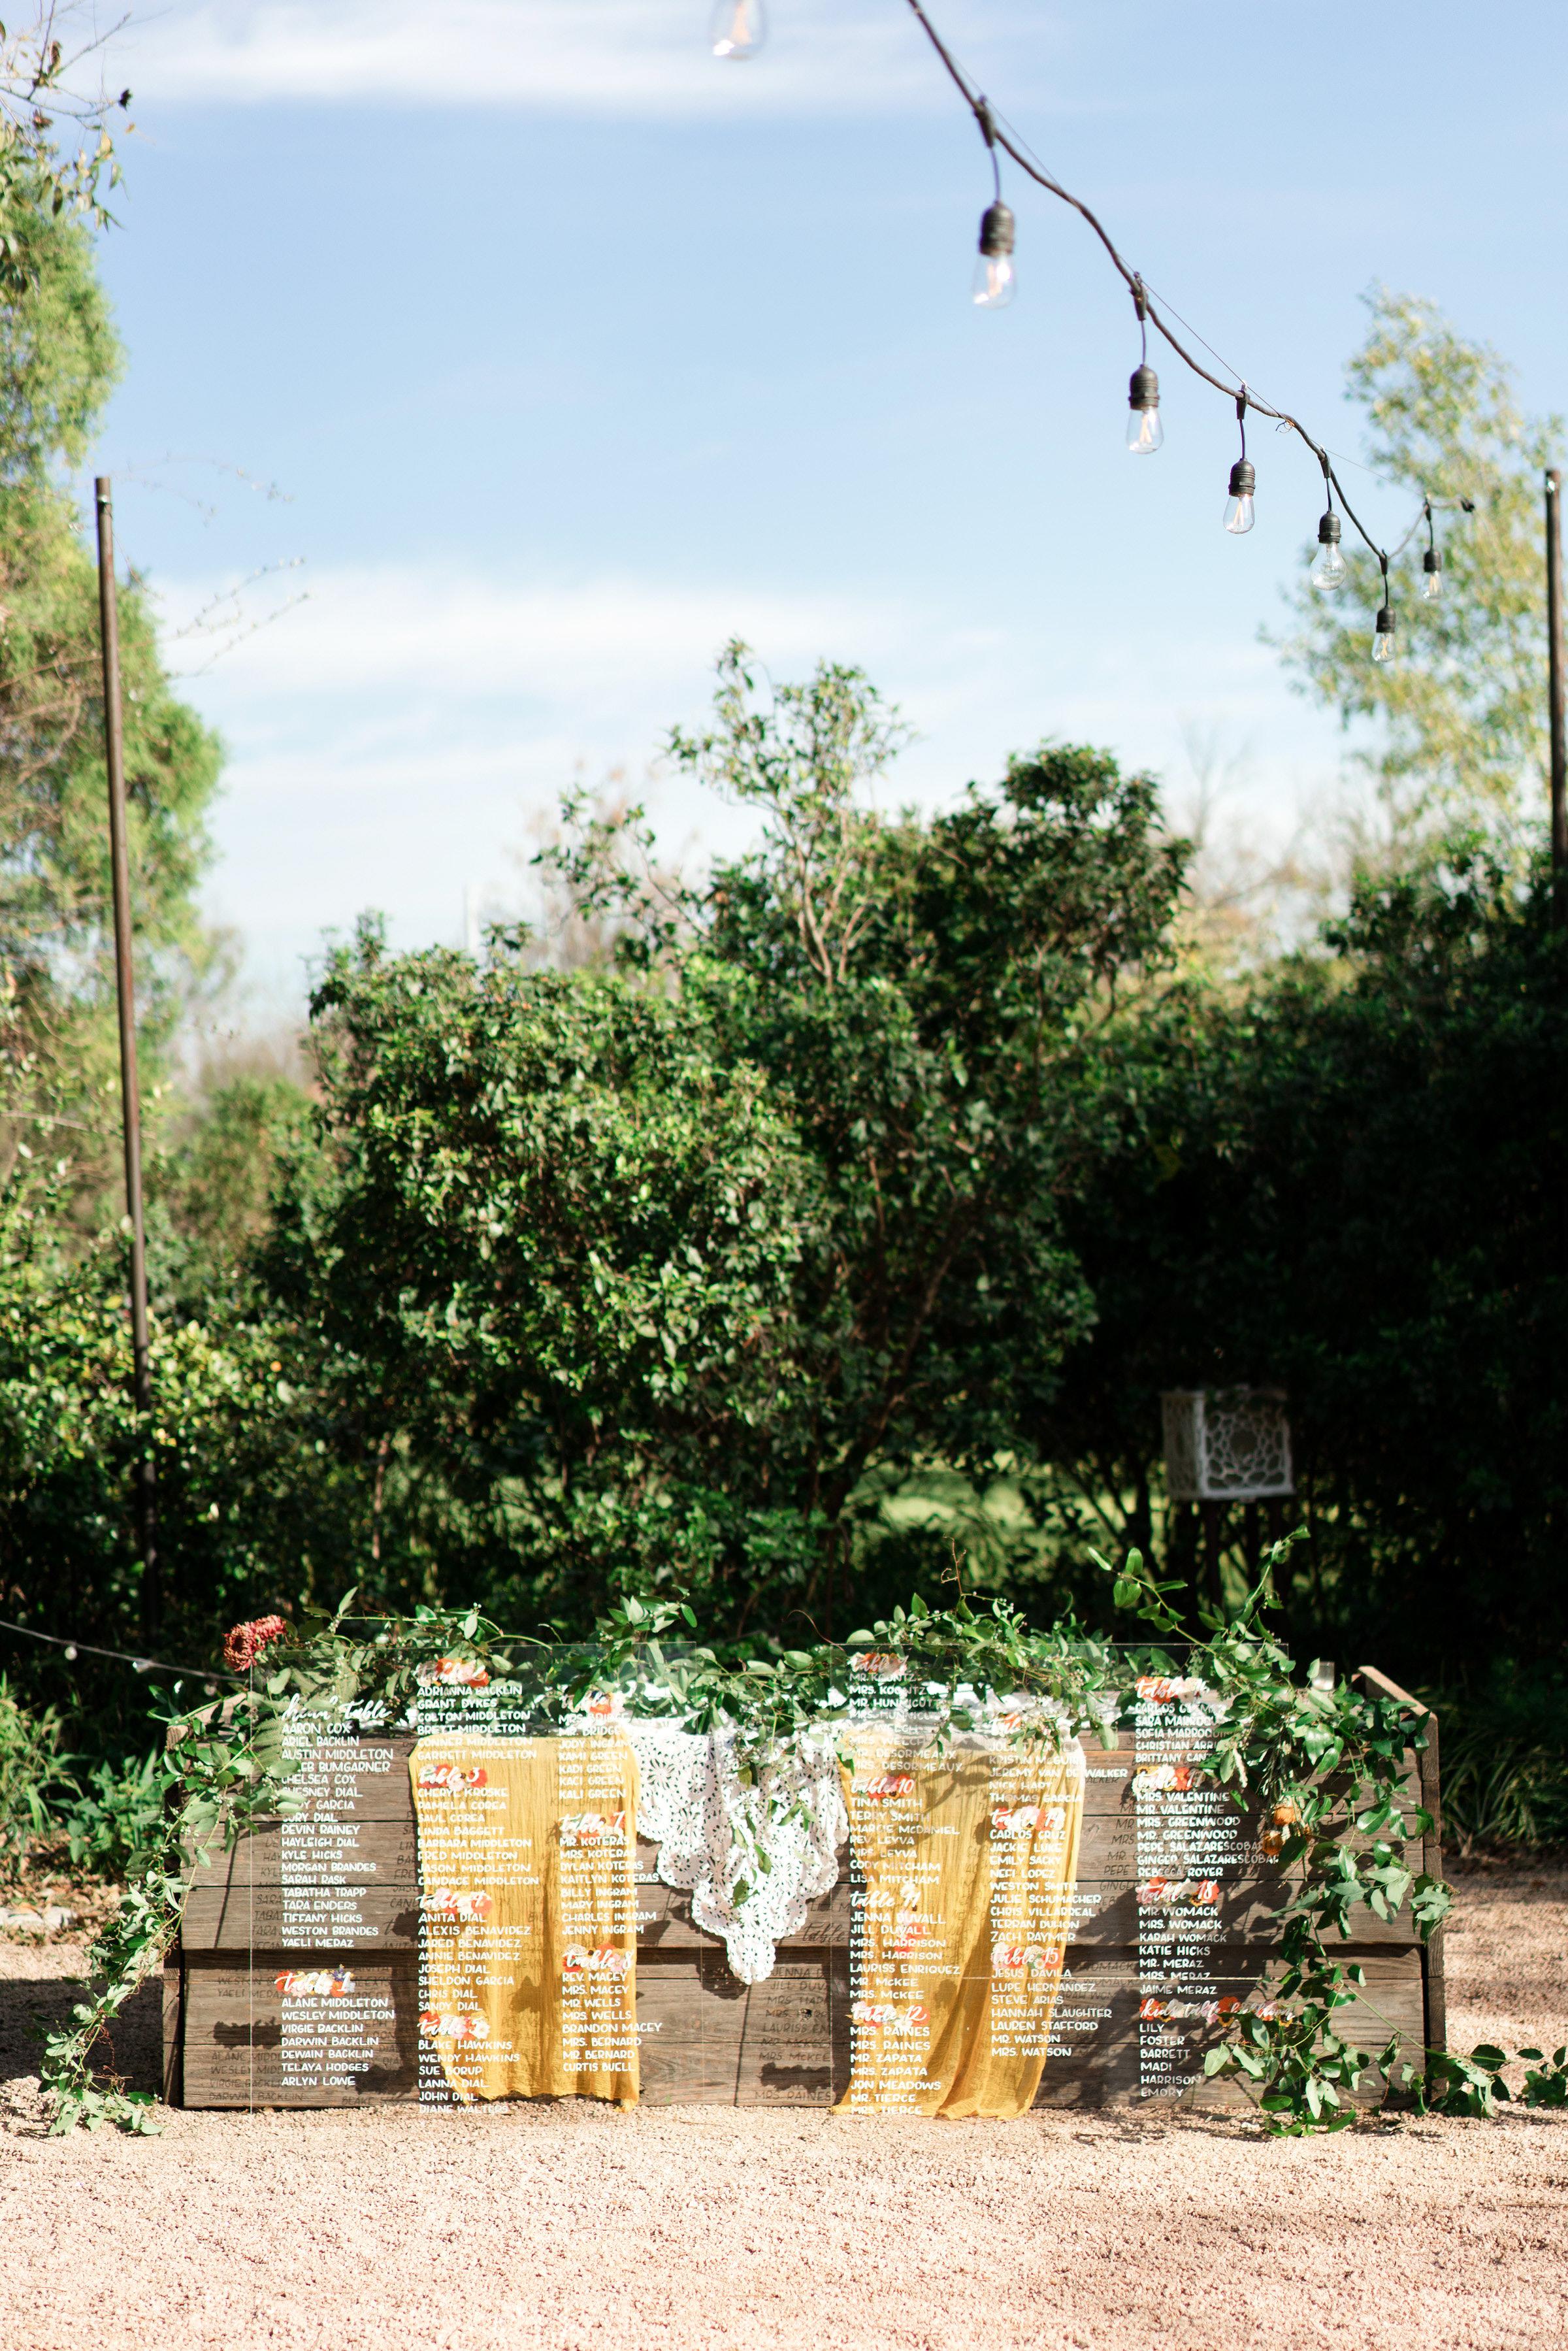 hayleigh corey wedding seating chart display